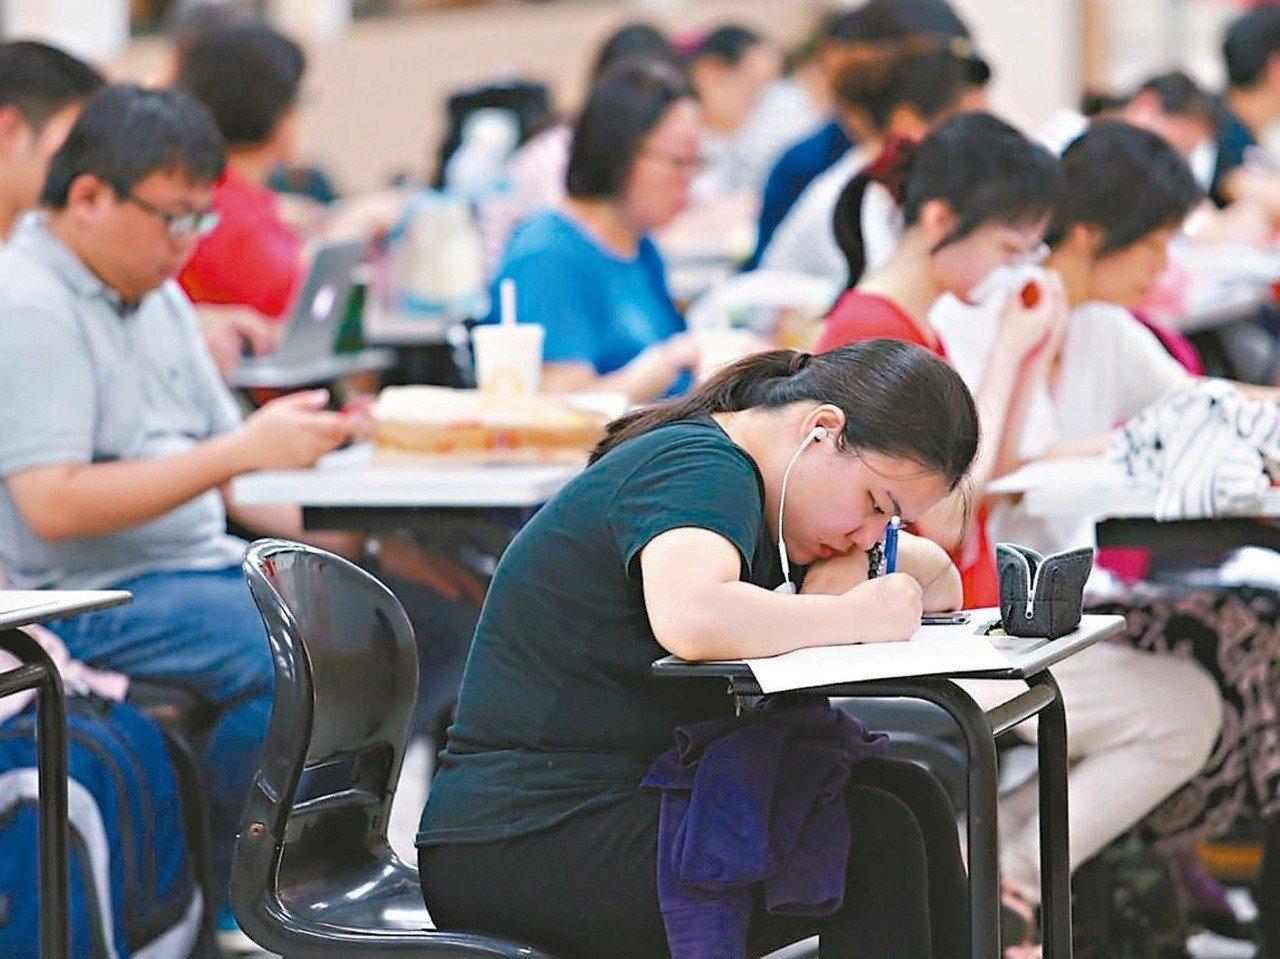 受少子化影響,教師名額僧多粥少,想考教師愈來愈難,不少人轉投入國考,教育行政類科...